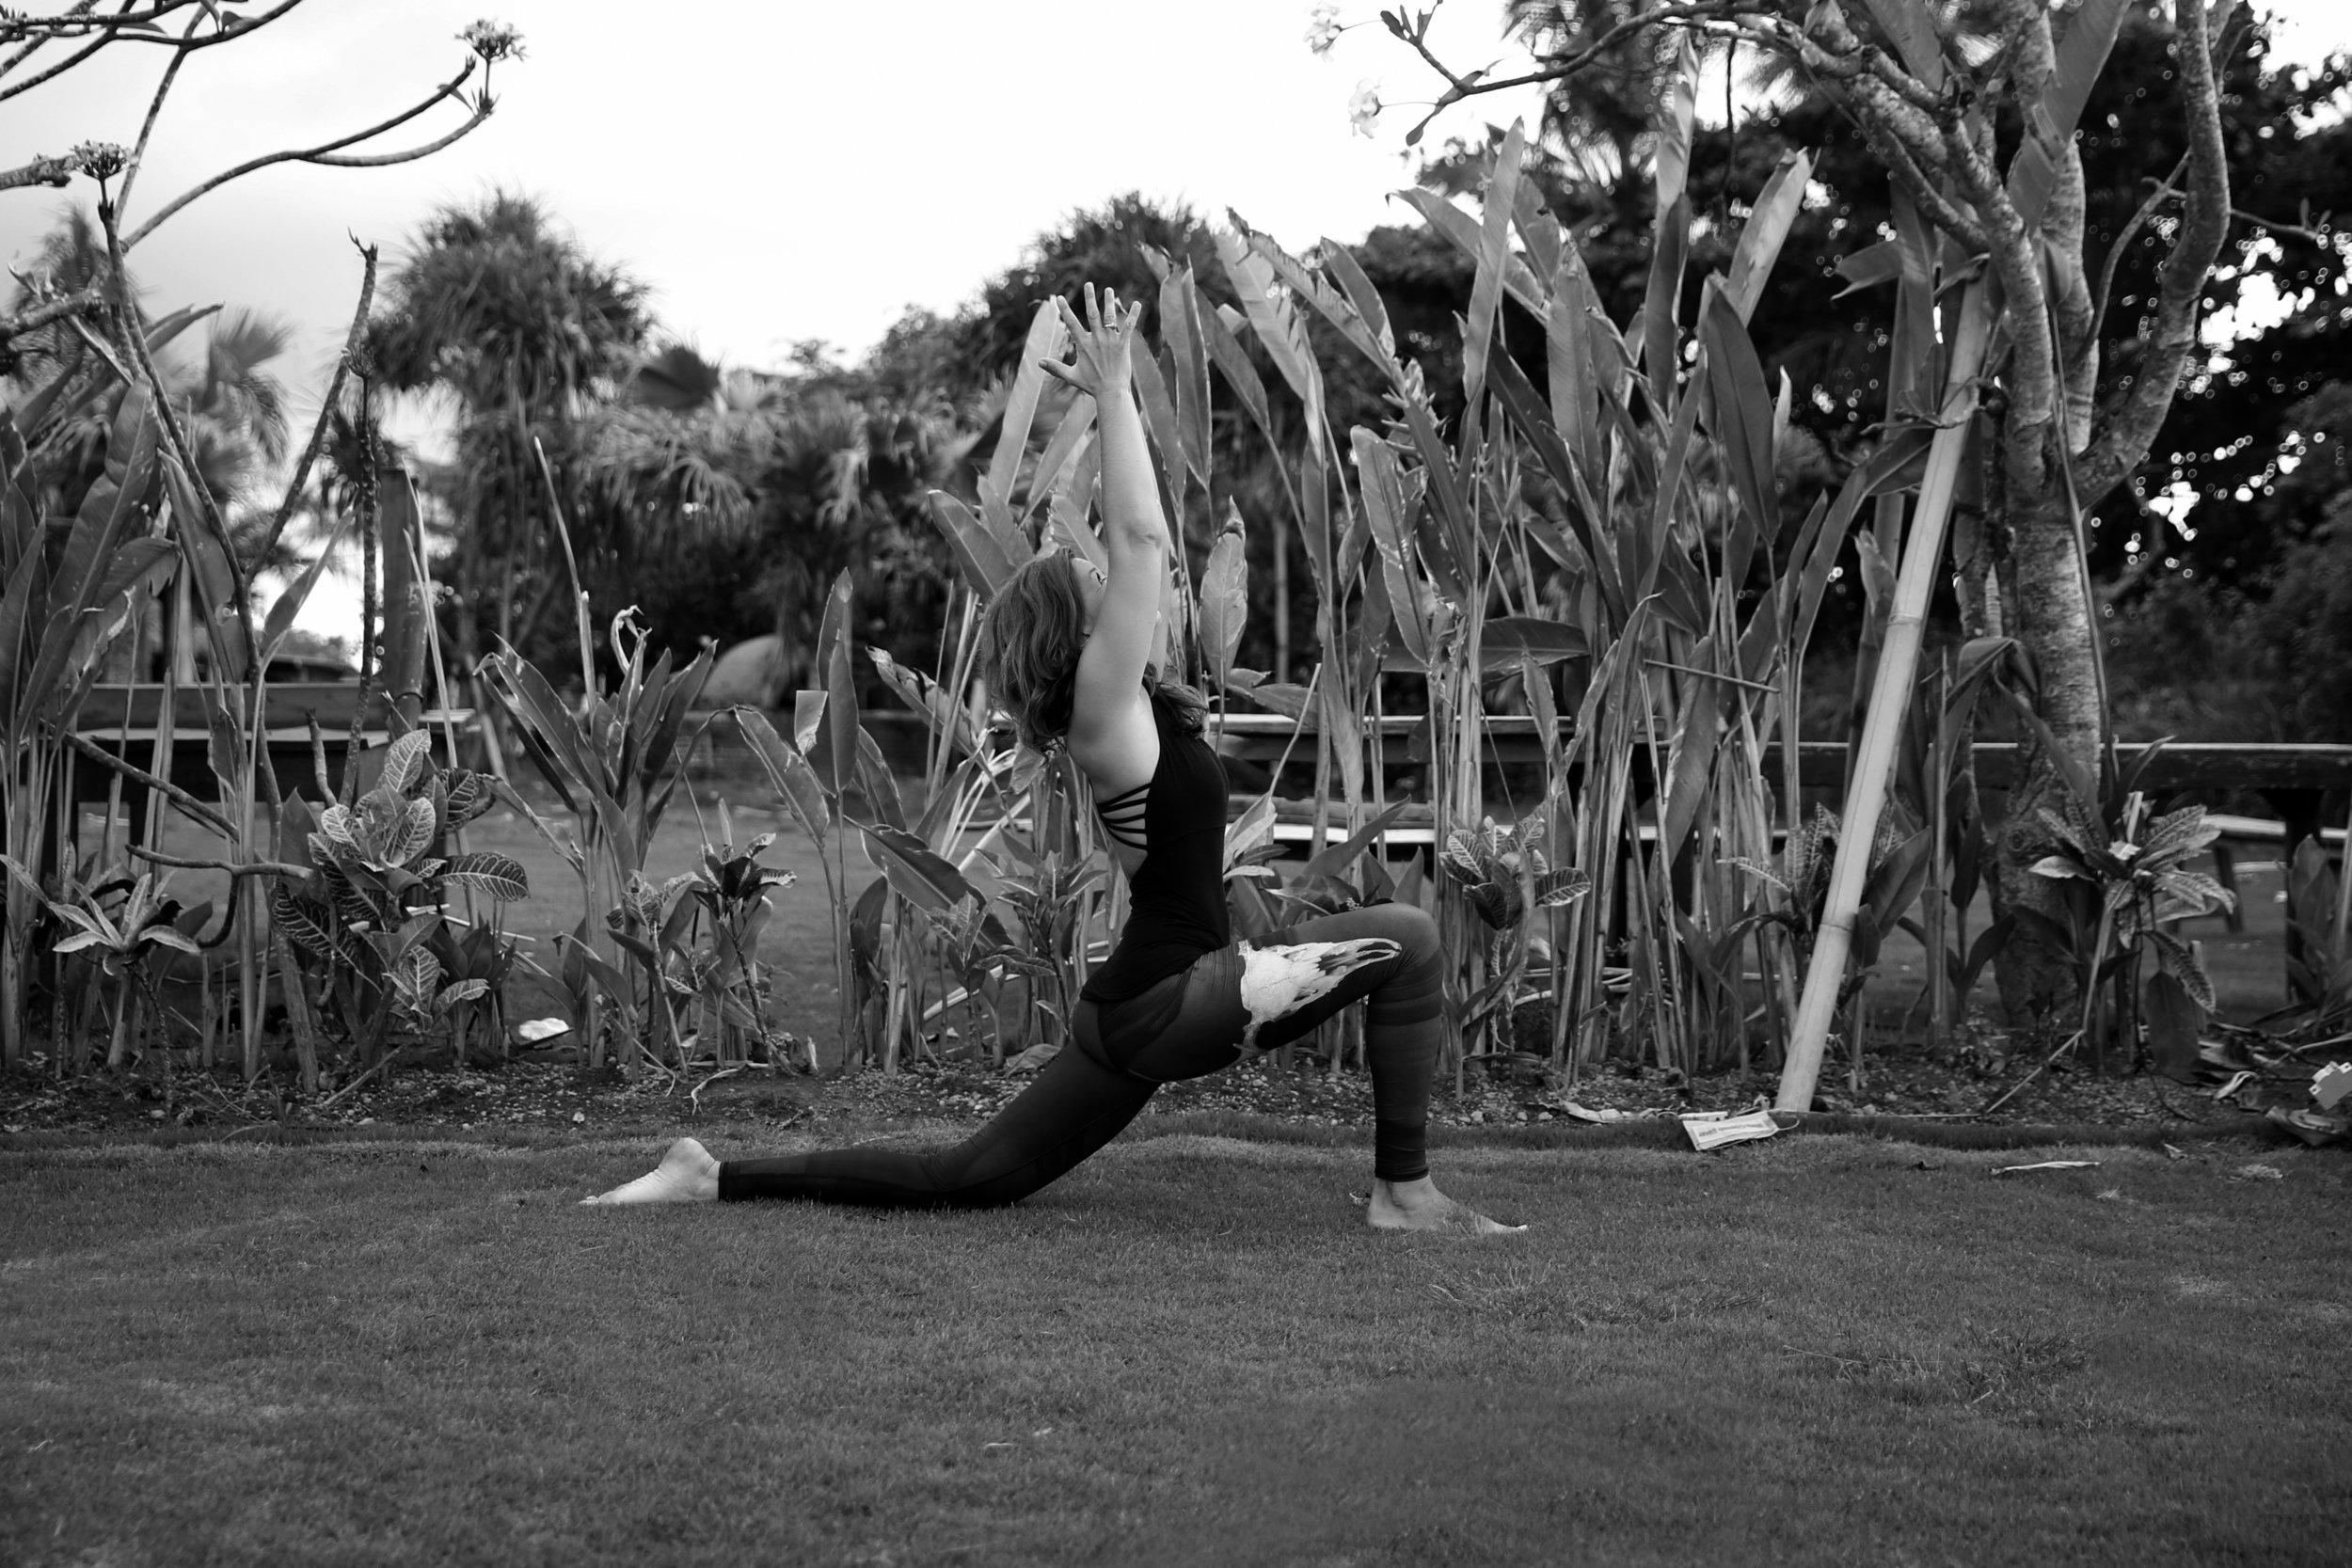 zem-yoga-sun-salutations.jpg